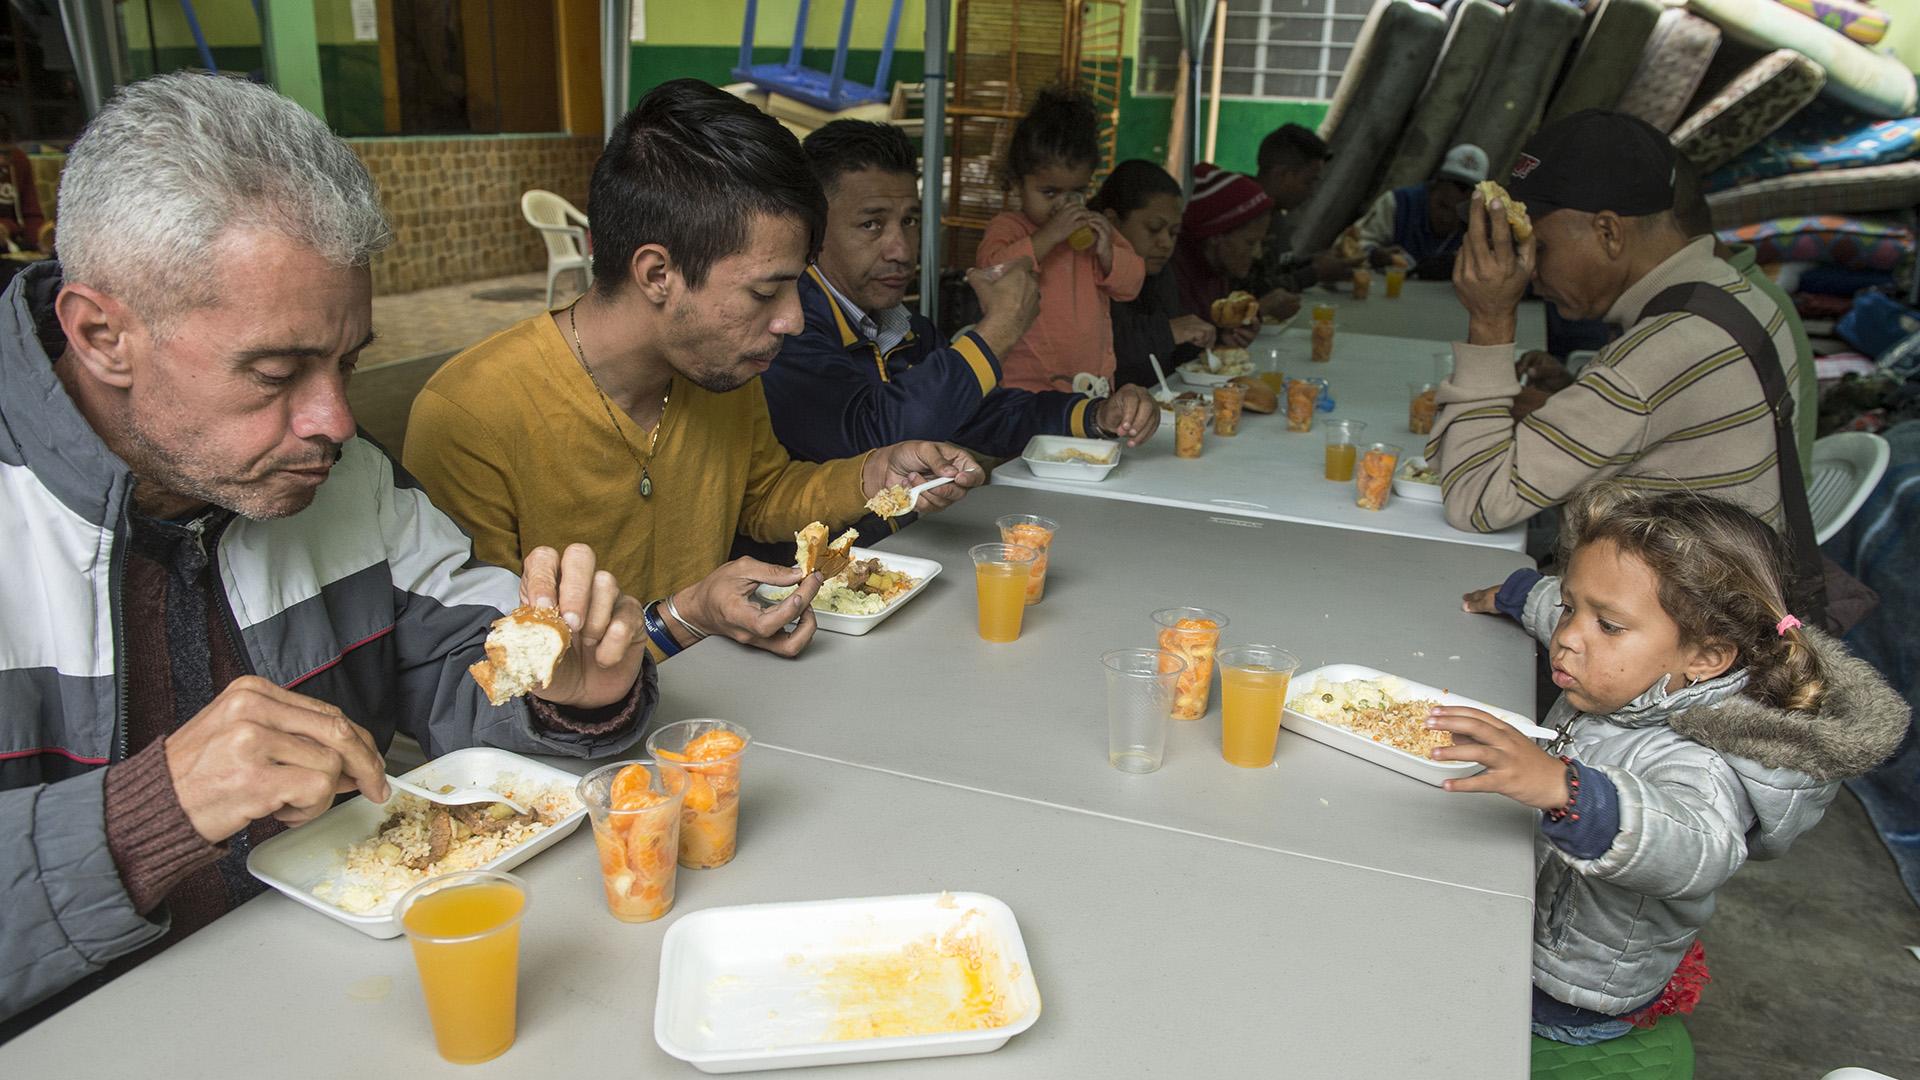 Al principio, Cobeña les daba un plato de comida al día, pero gracias a donaciones de amigos, empresarios y peruanos emigrados, ahora les brinda desayuno, almuerzo y cena. El menú de este viernes fue carne guisada con arroz